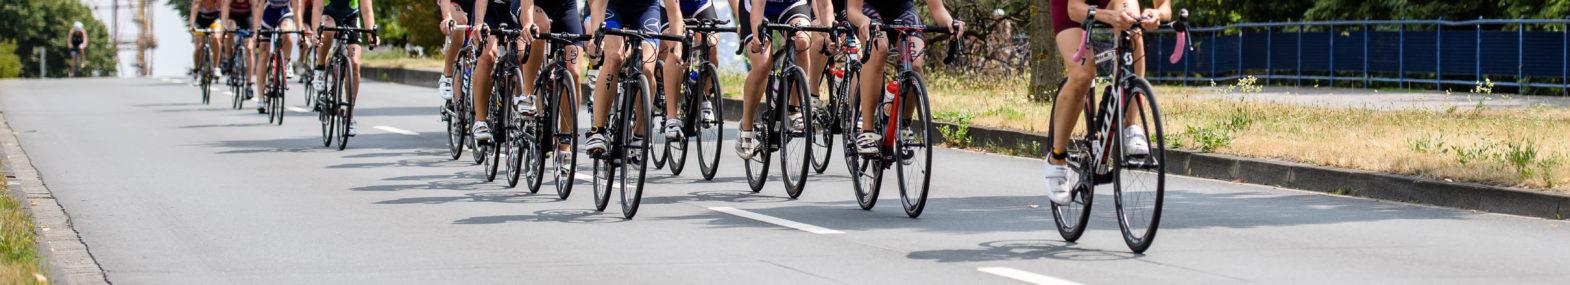 Radfahrer im Triathlon während eines Rennens in Münster 2018.